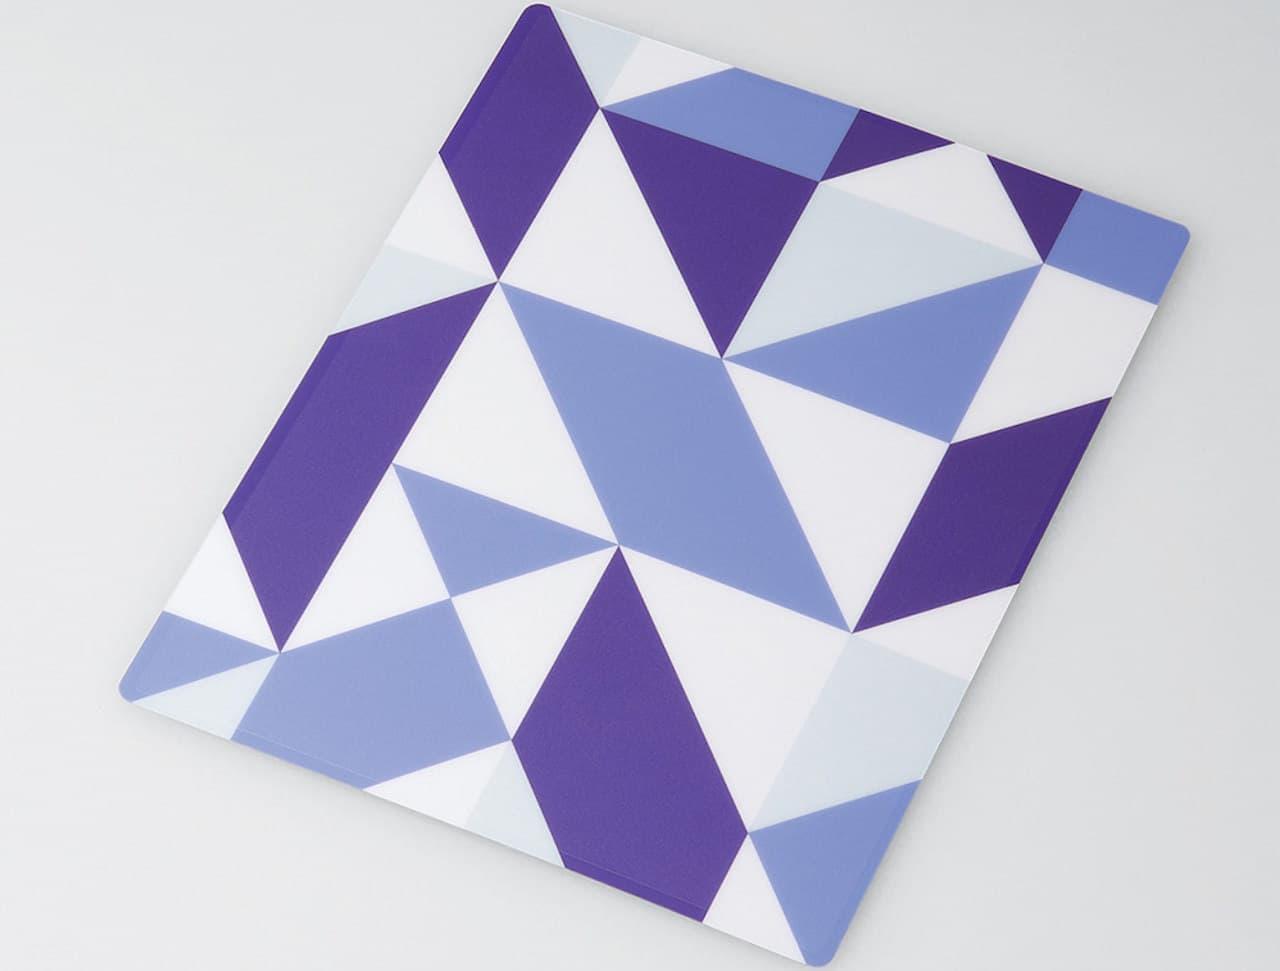 雑貨風テキスタイルデザインのマウスパッド「MP-TBG」